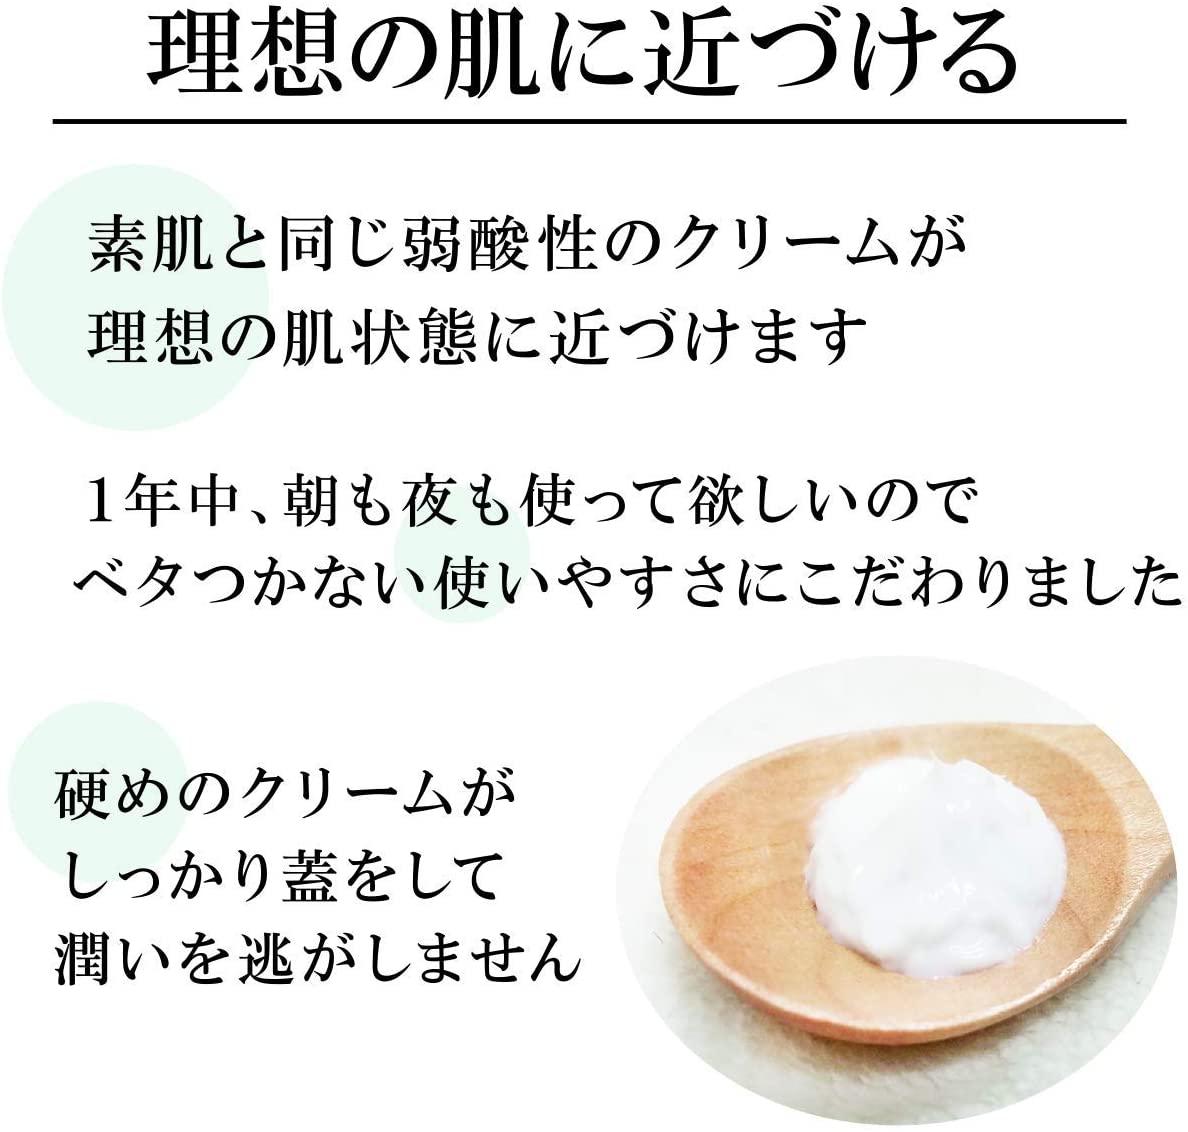 世田谷コスメ(Setagaya COSME) モイストリッチフェイスクリームの商品画像3